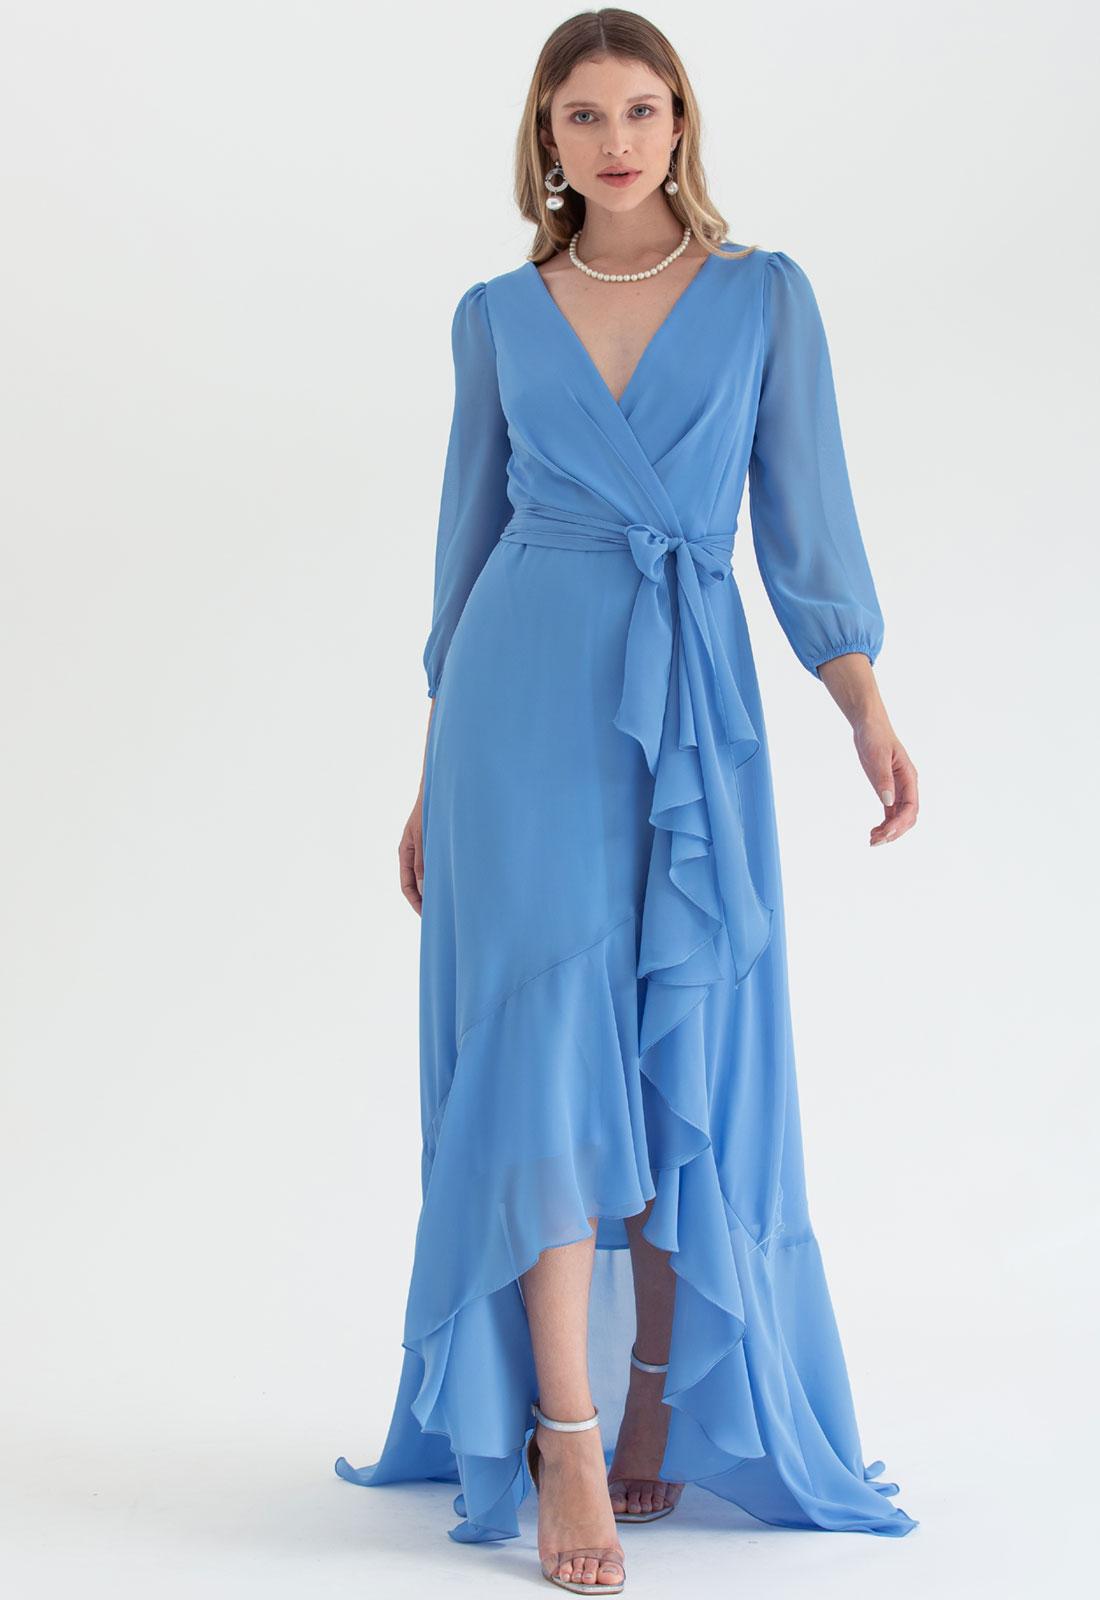 Vestido transpassado mullet Azul Serenity forte - Ref. 2543L